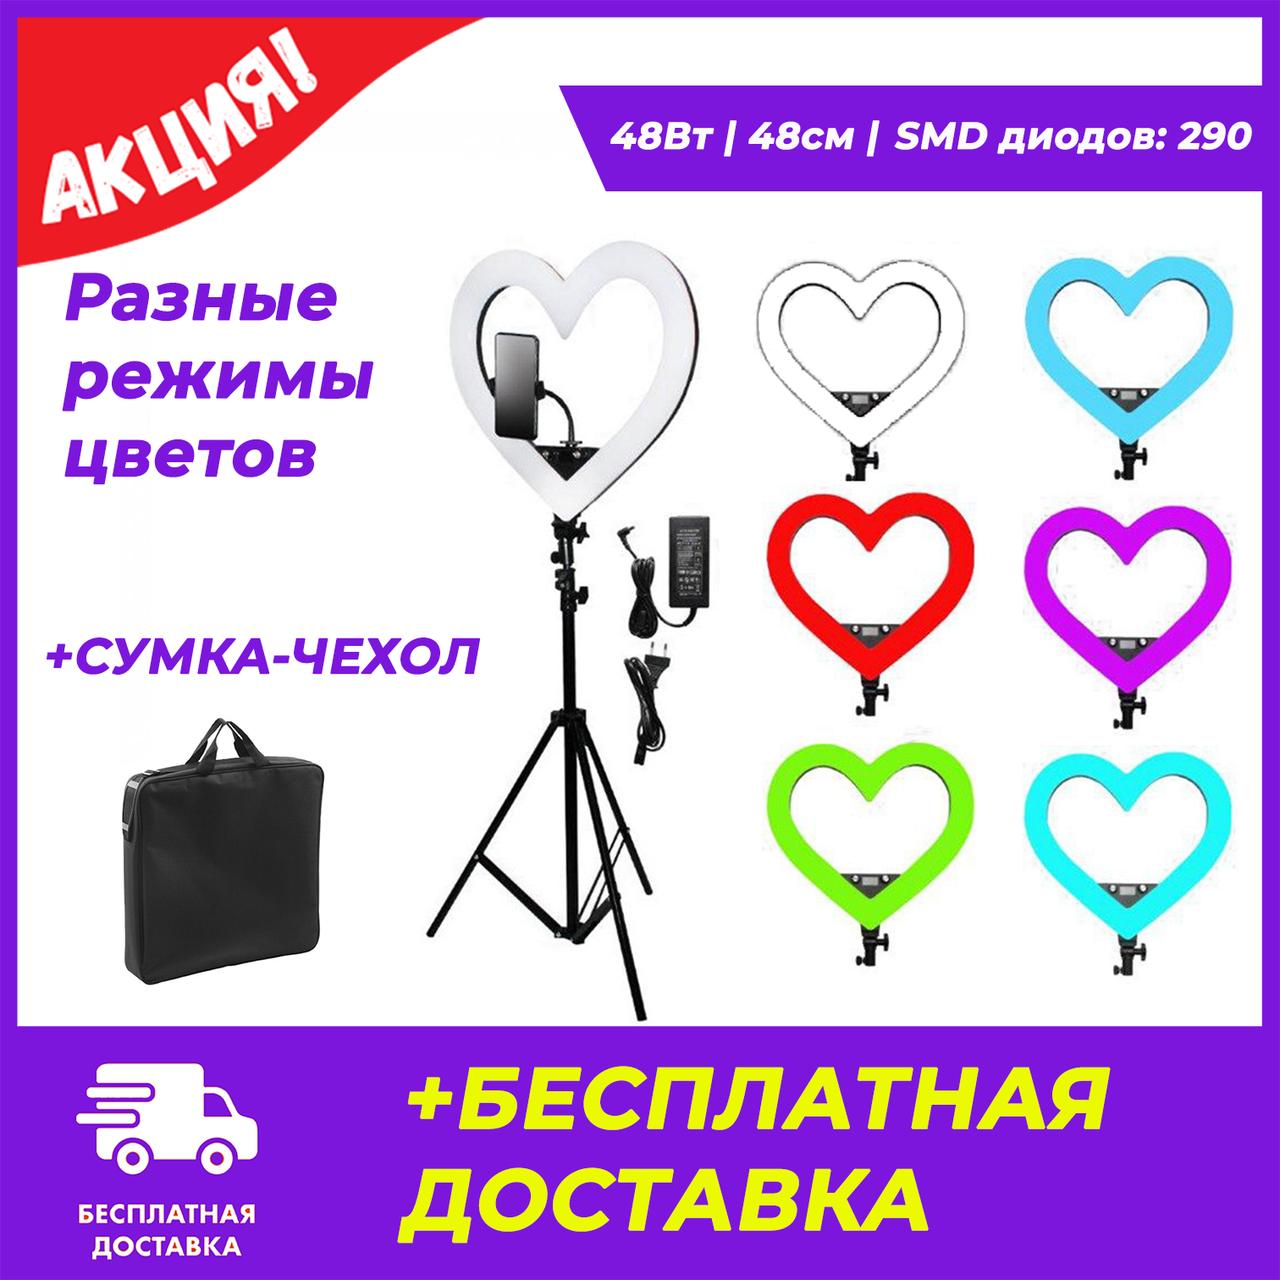 Цветная кольцевая лампа в форме сердц на штативе с держателем для телефона  Кільцева лампа для макіяжу 48ватт